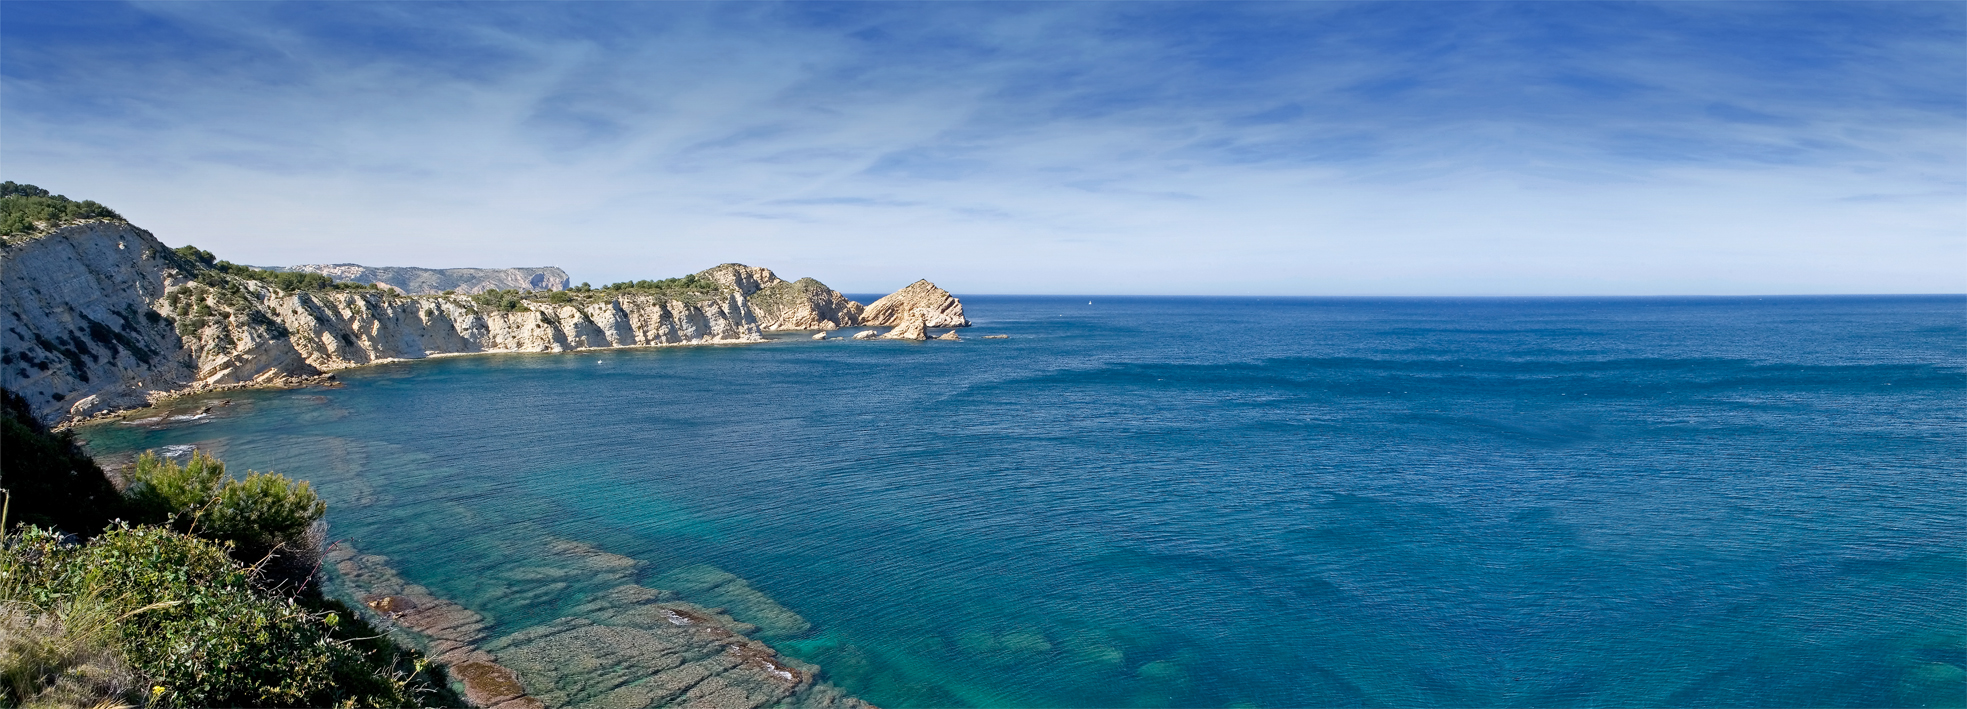 La zona del Cap Prim y el Portitxol